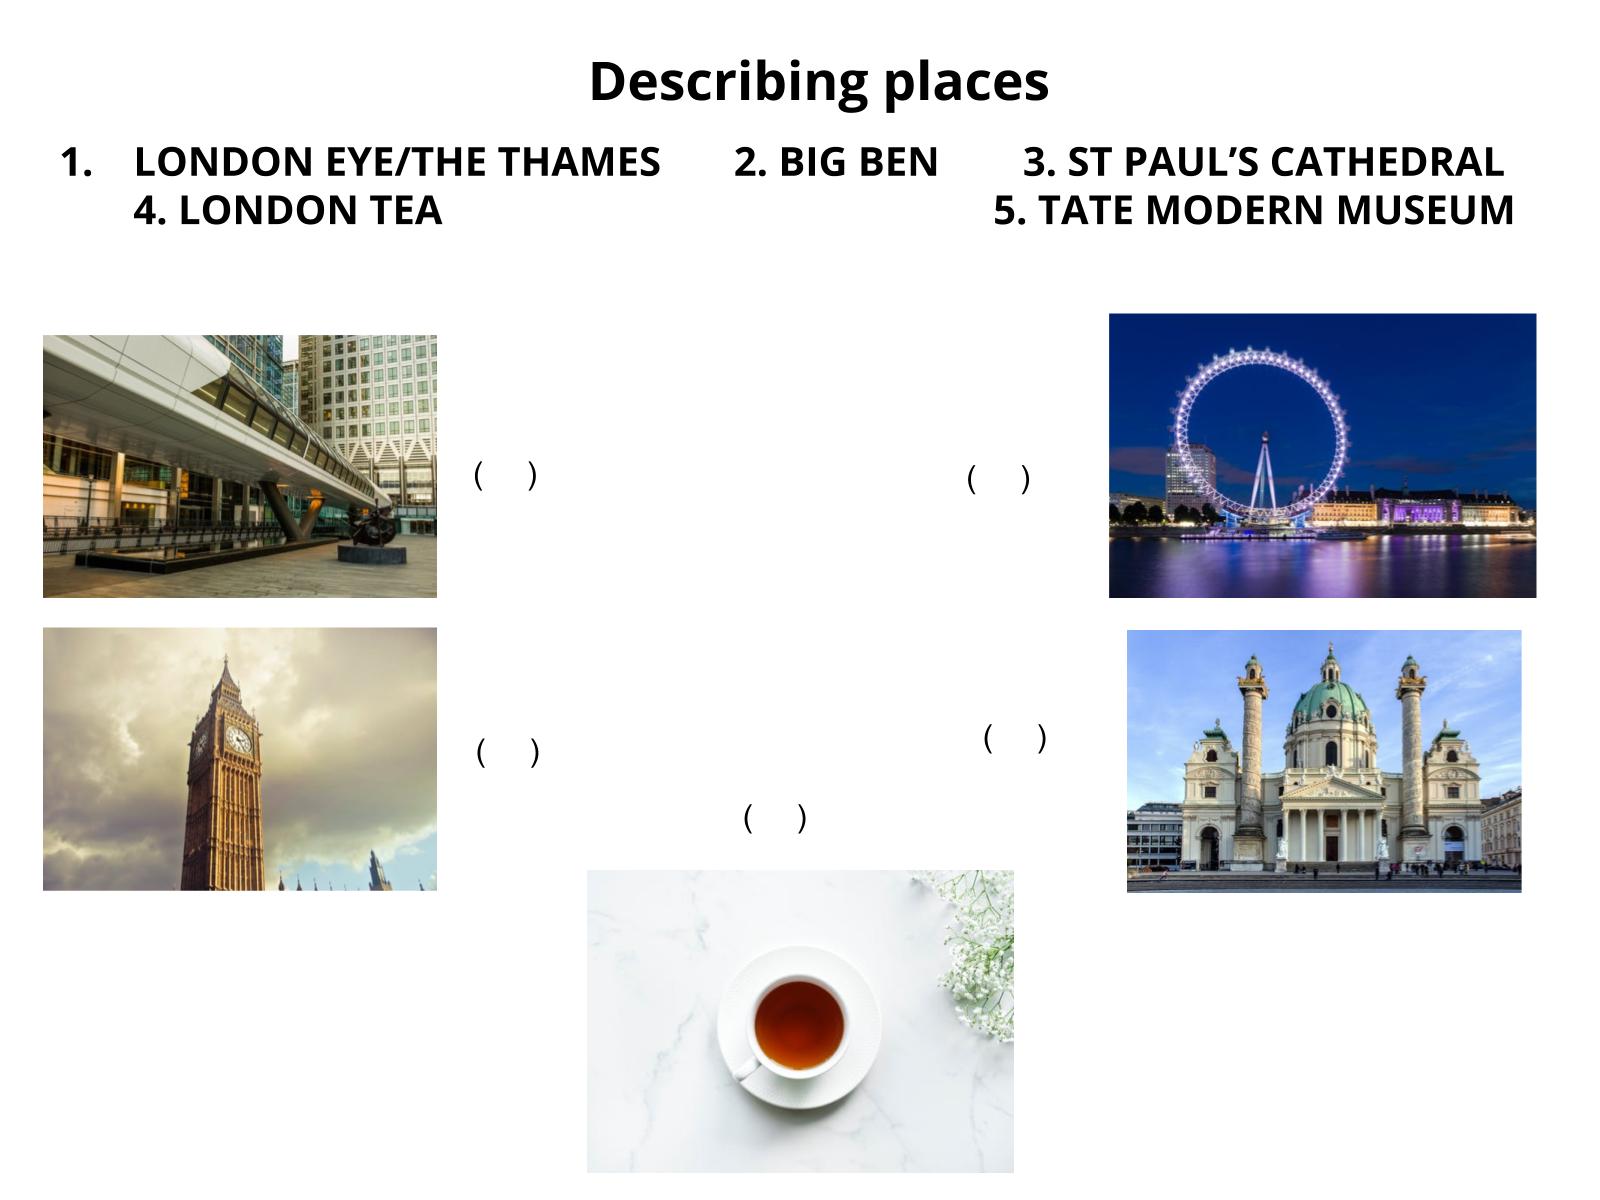 Ler descrições de lugares em Língua inglesa